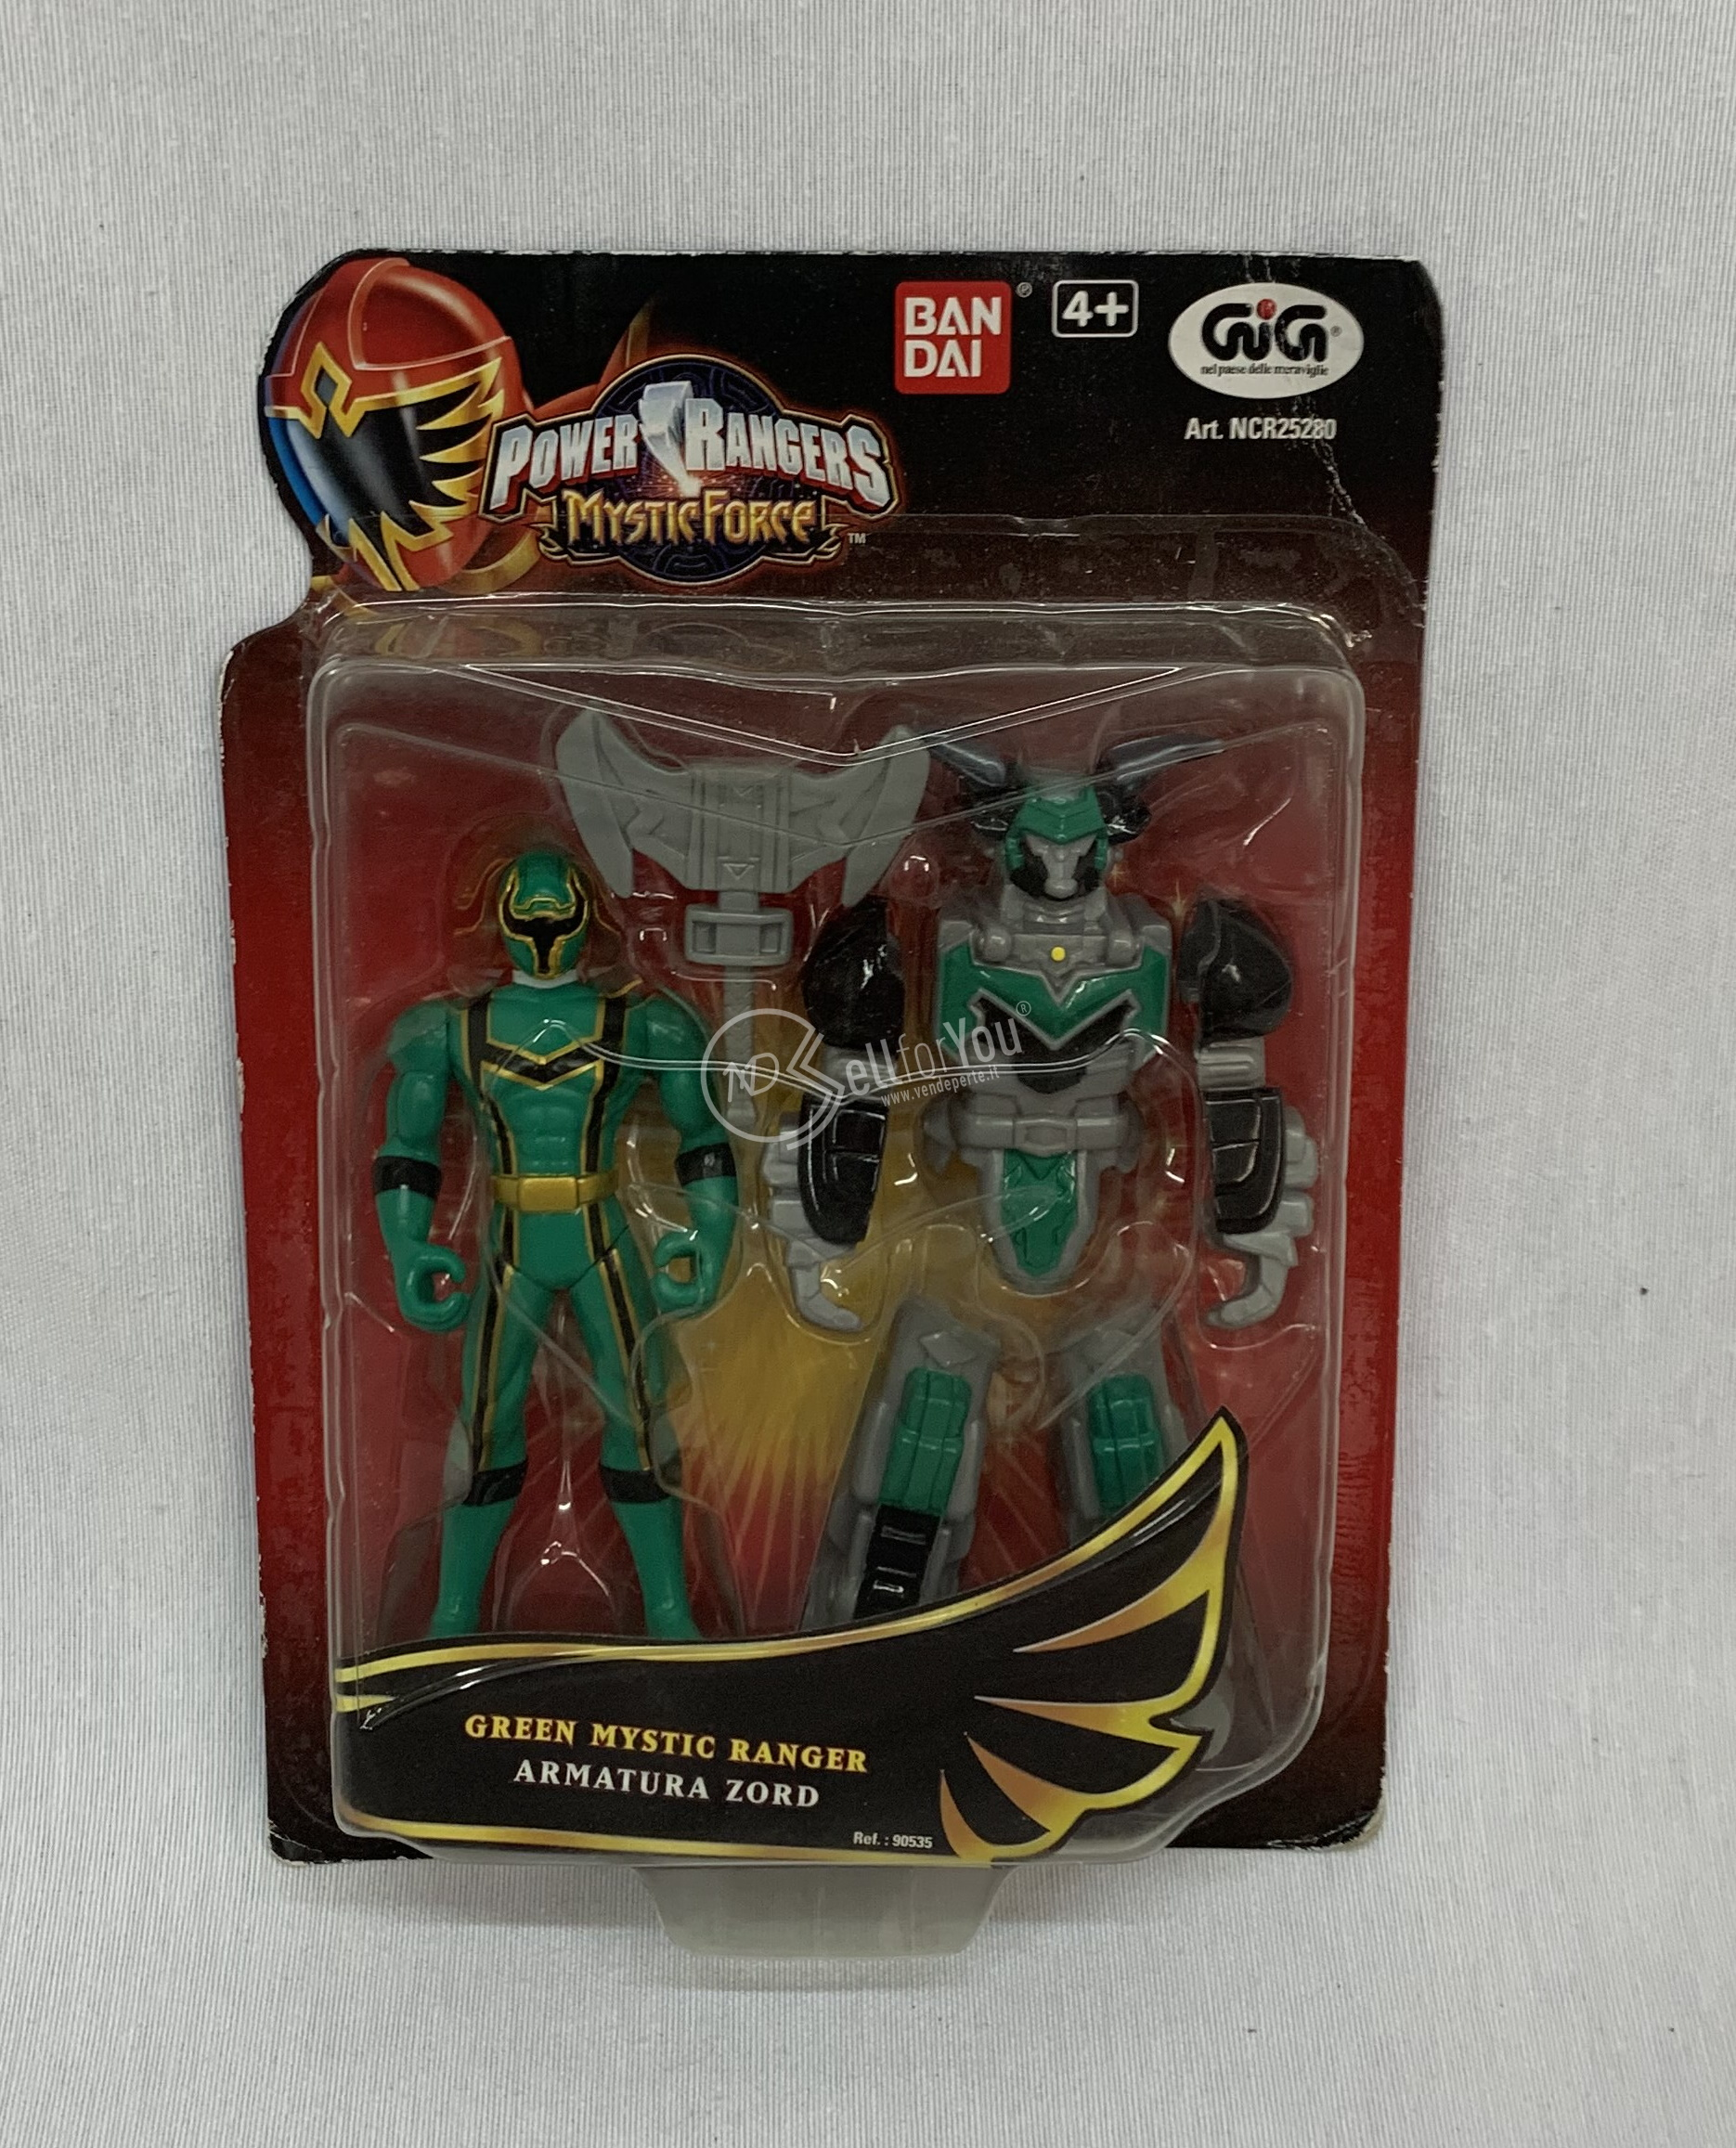 sellforyou immagine default articolo correlato non trovatoPower Ranger mystic force Mystic Tanger armatura Zord GiG